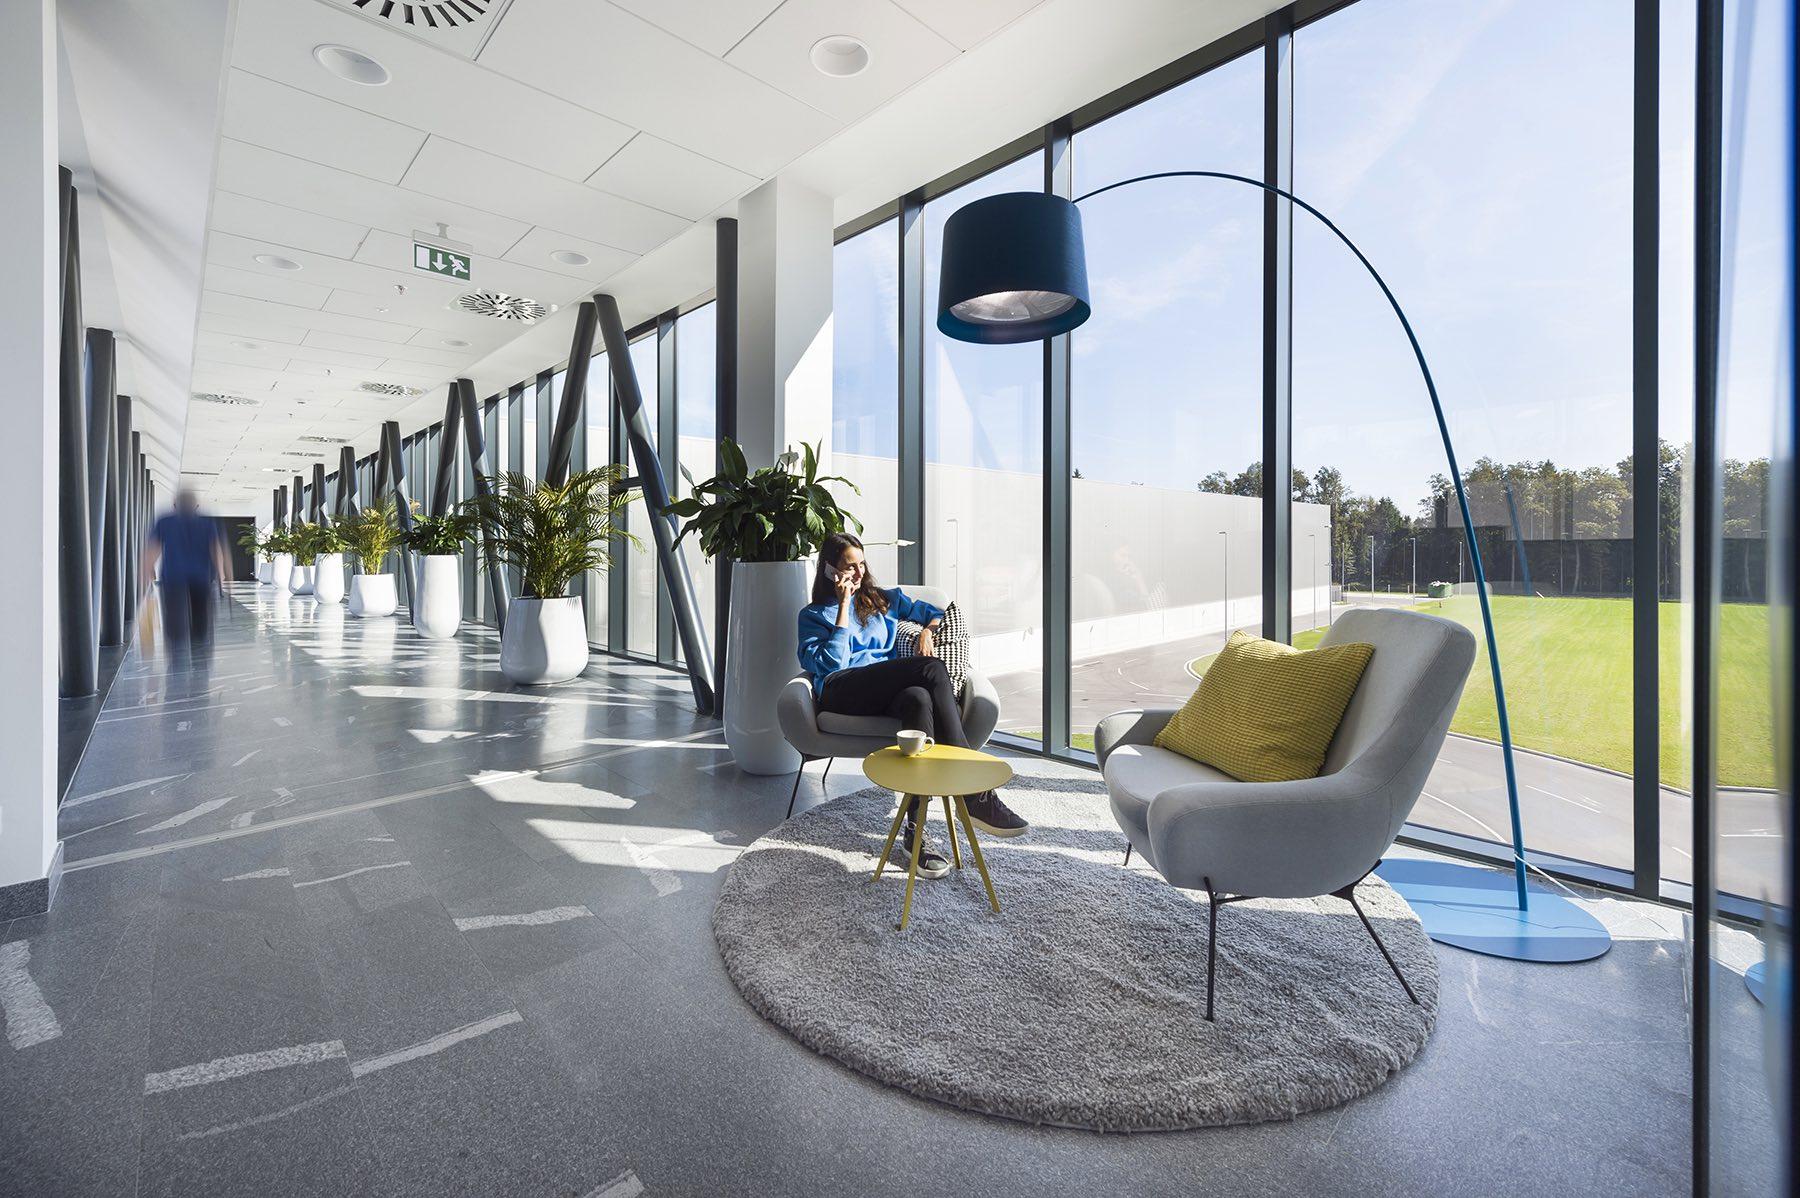 k-n-ljubljana-office-2